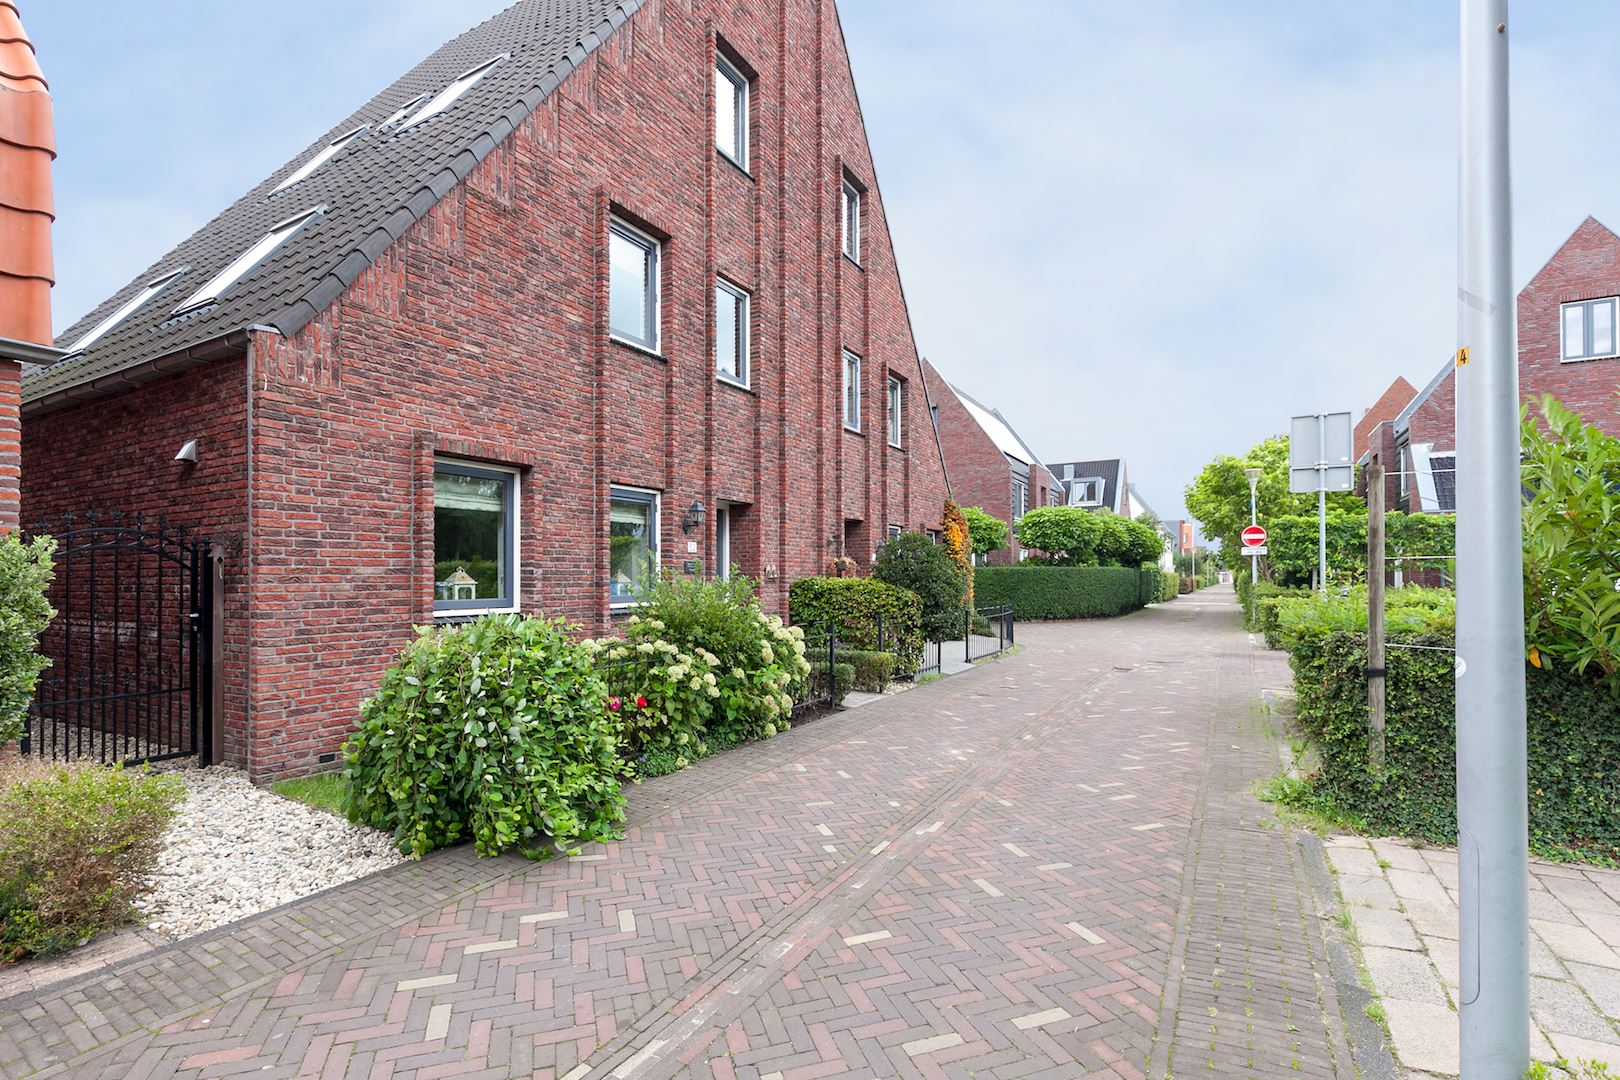 Badkamers Den Haag : Badkamers ypenburg de posthoorn week by wegener issuu